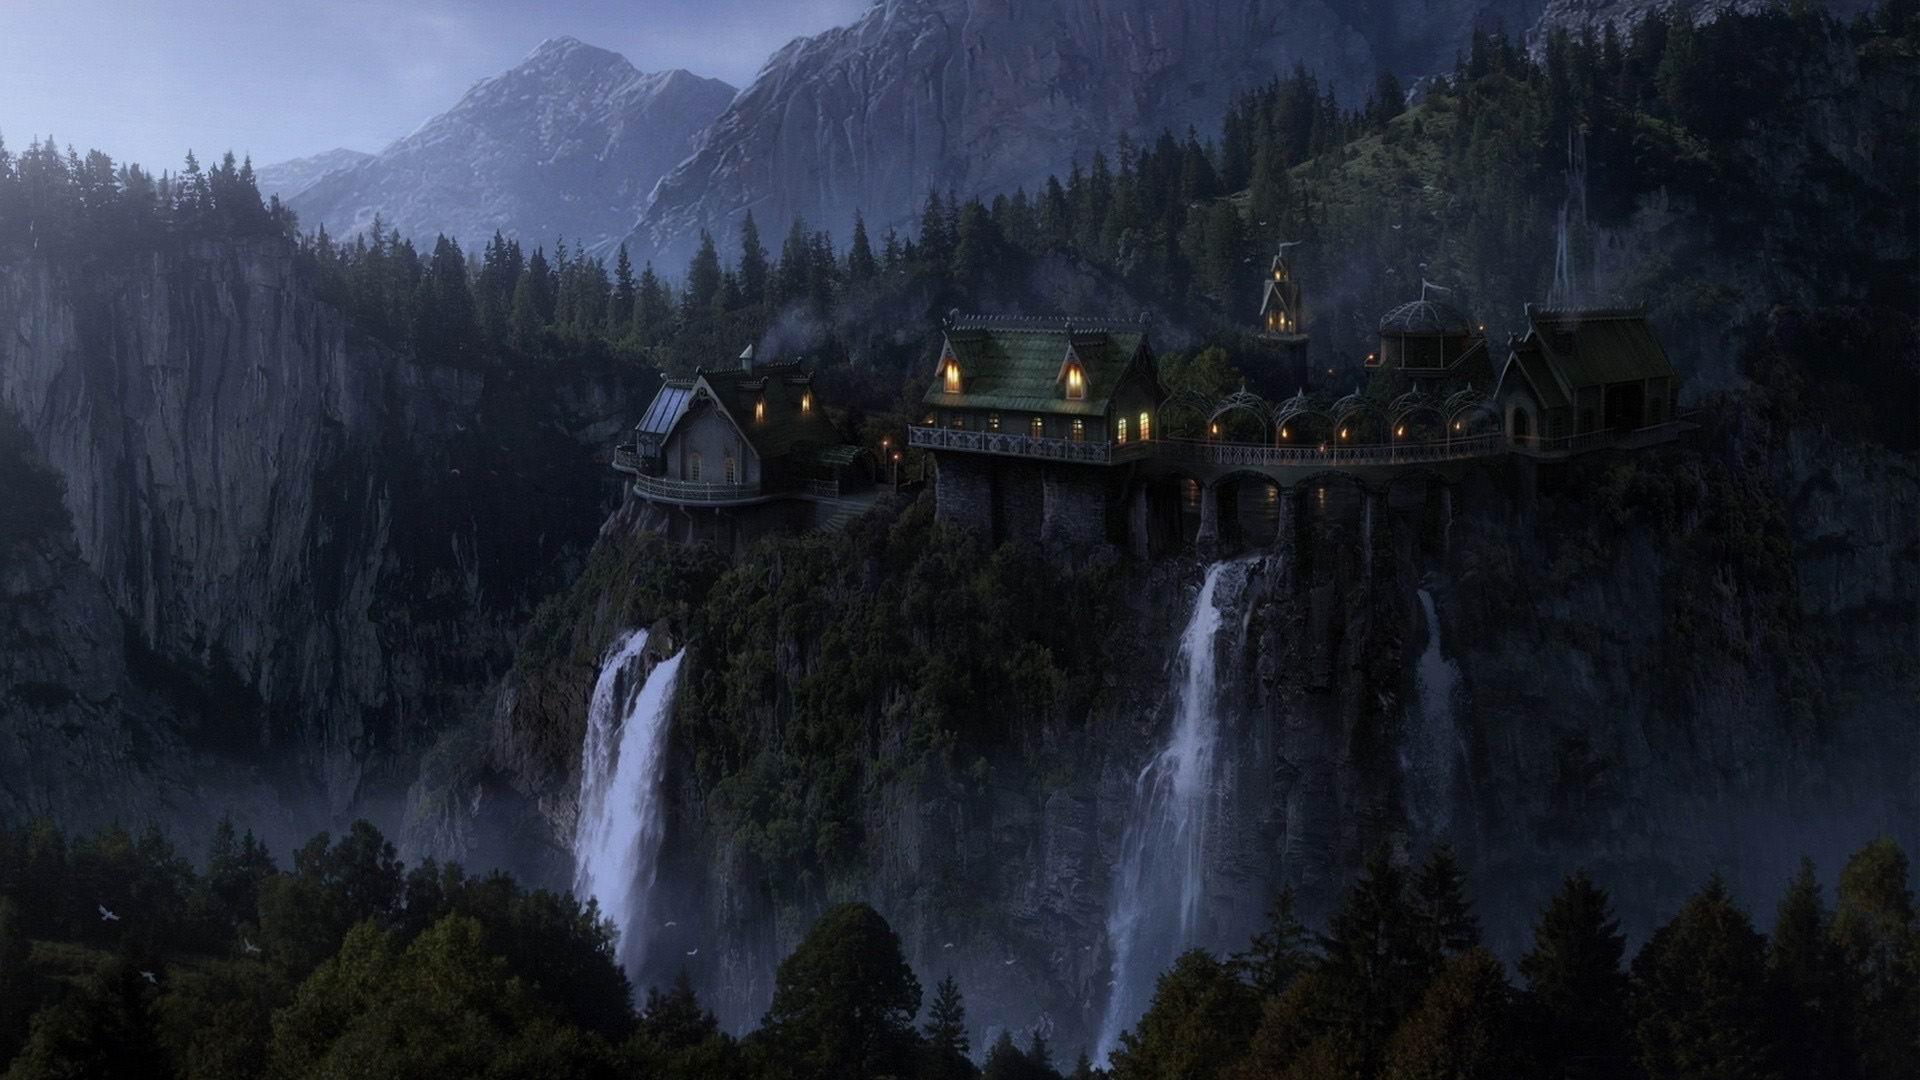 夢のような風景 ファンタジーデザインの壁紙プレビュー 10wallpaper Com